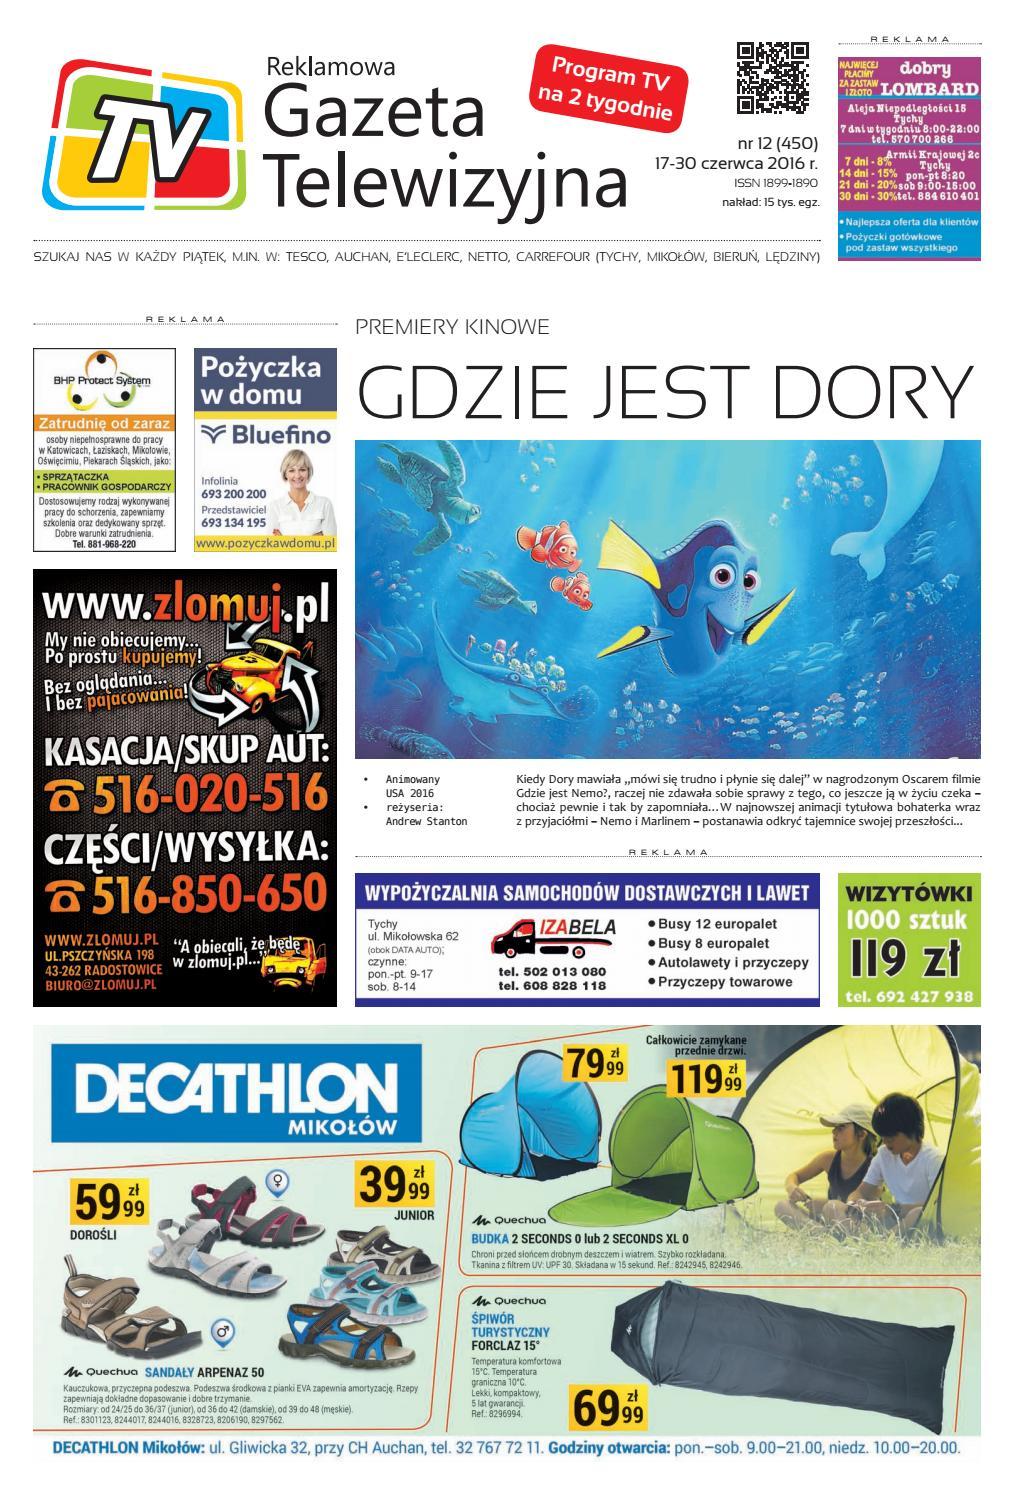 Telewizyjna Gazeta Kobiet Nr 12 2016 06 17 By Krzysztof Ewicz